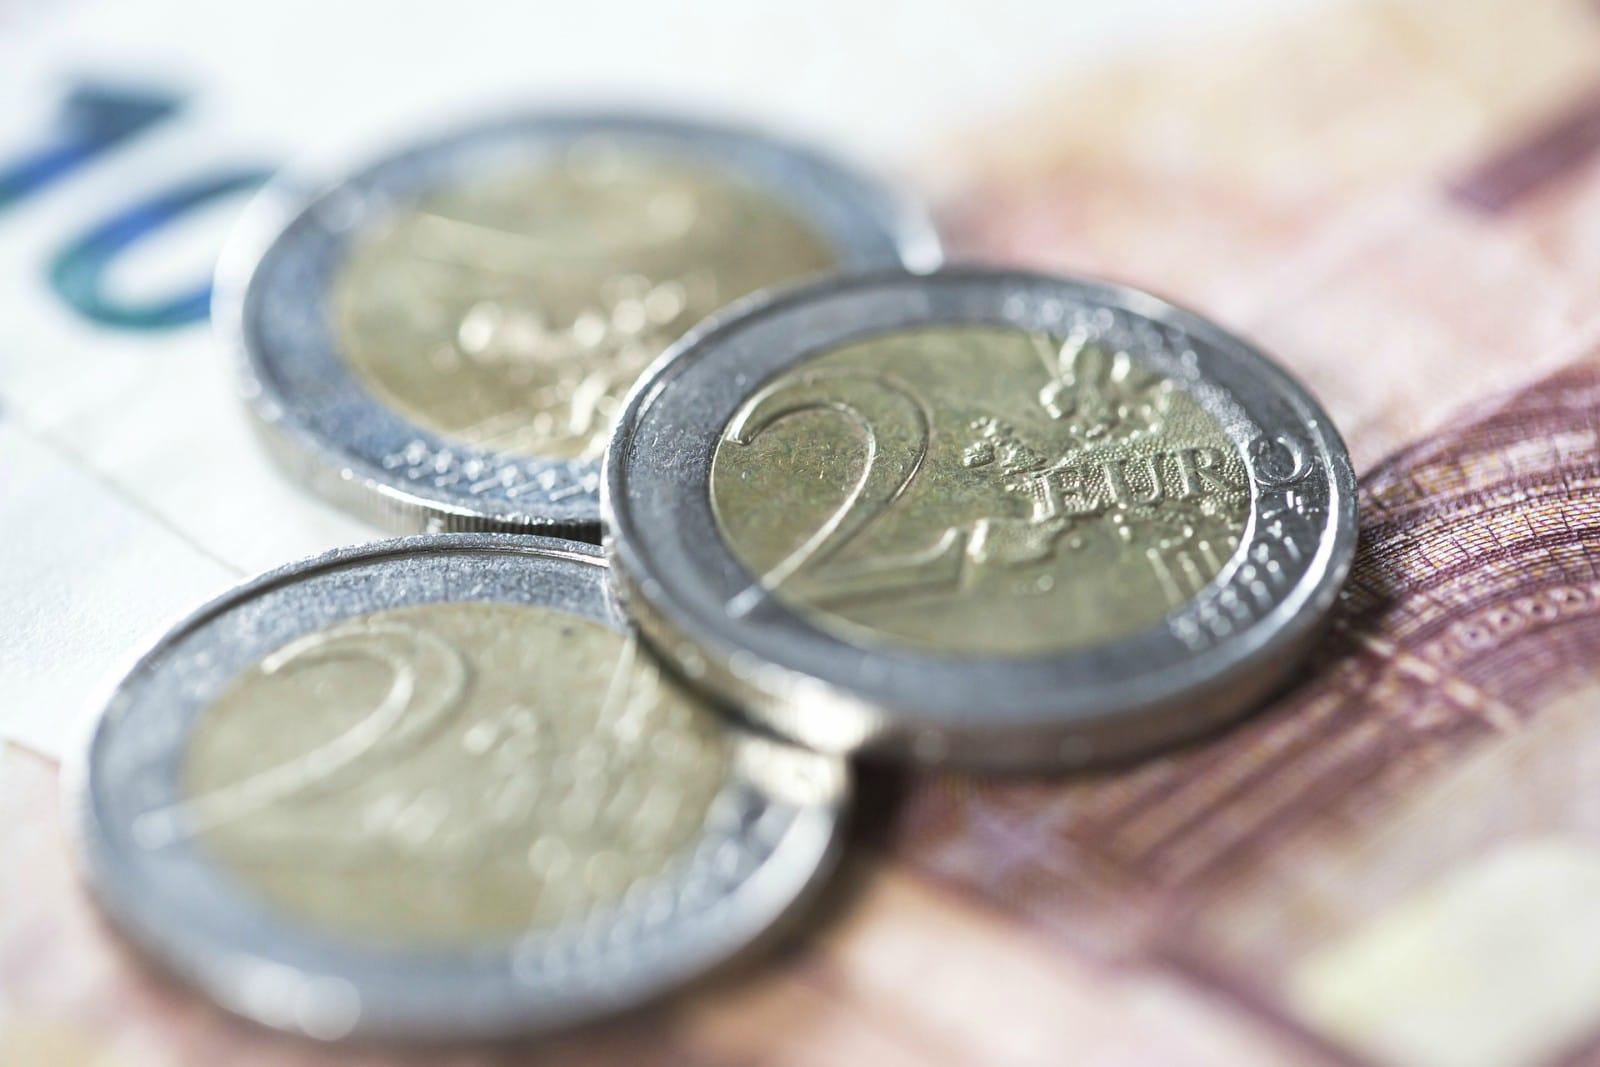 I prestiti a pignorati sono finanziamenti rivolti a soggetti con un'azione di pignoramento in corso